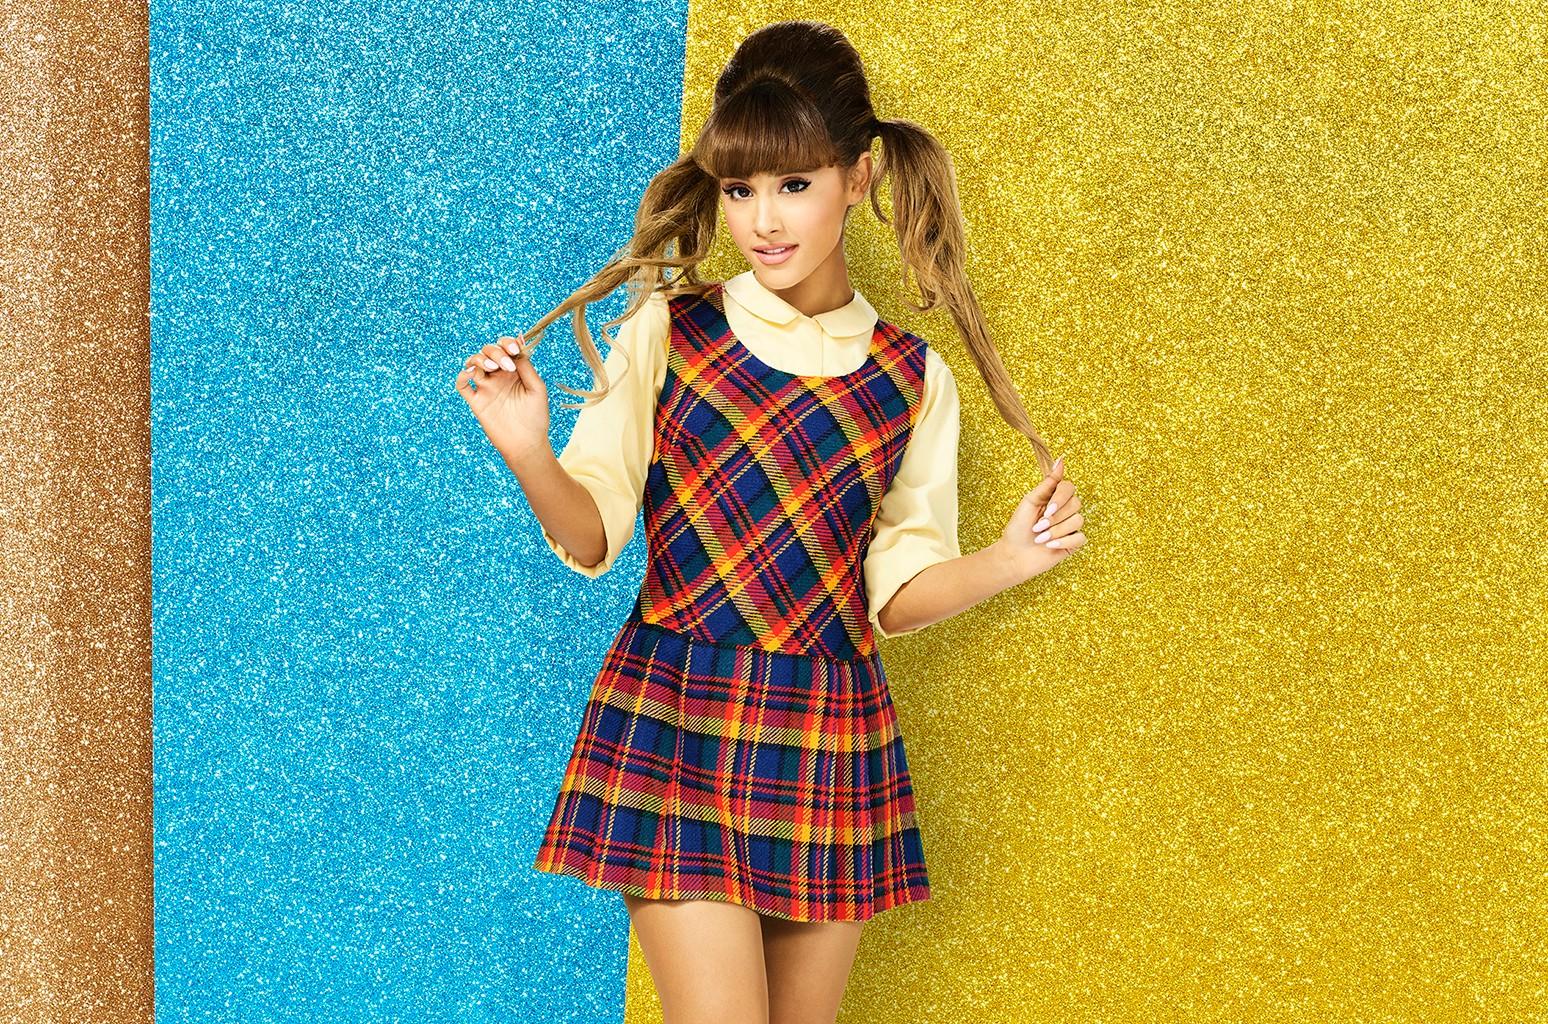 Ariana Grande as Penny Pingleton